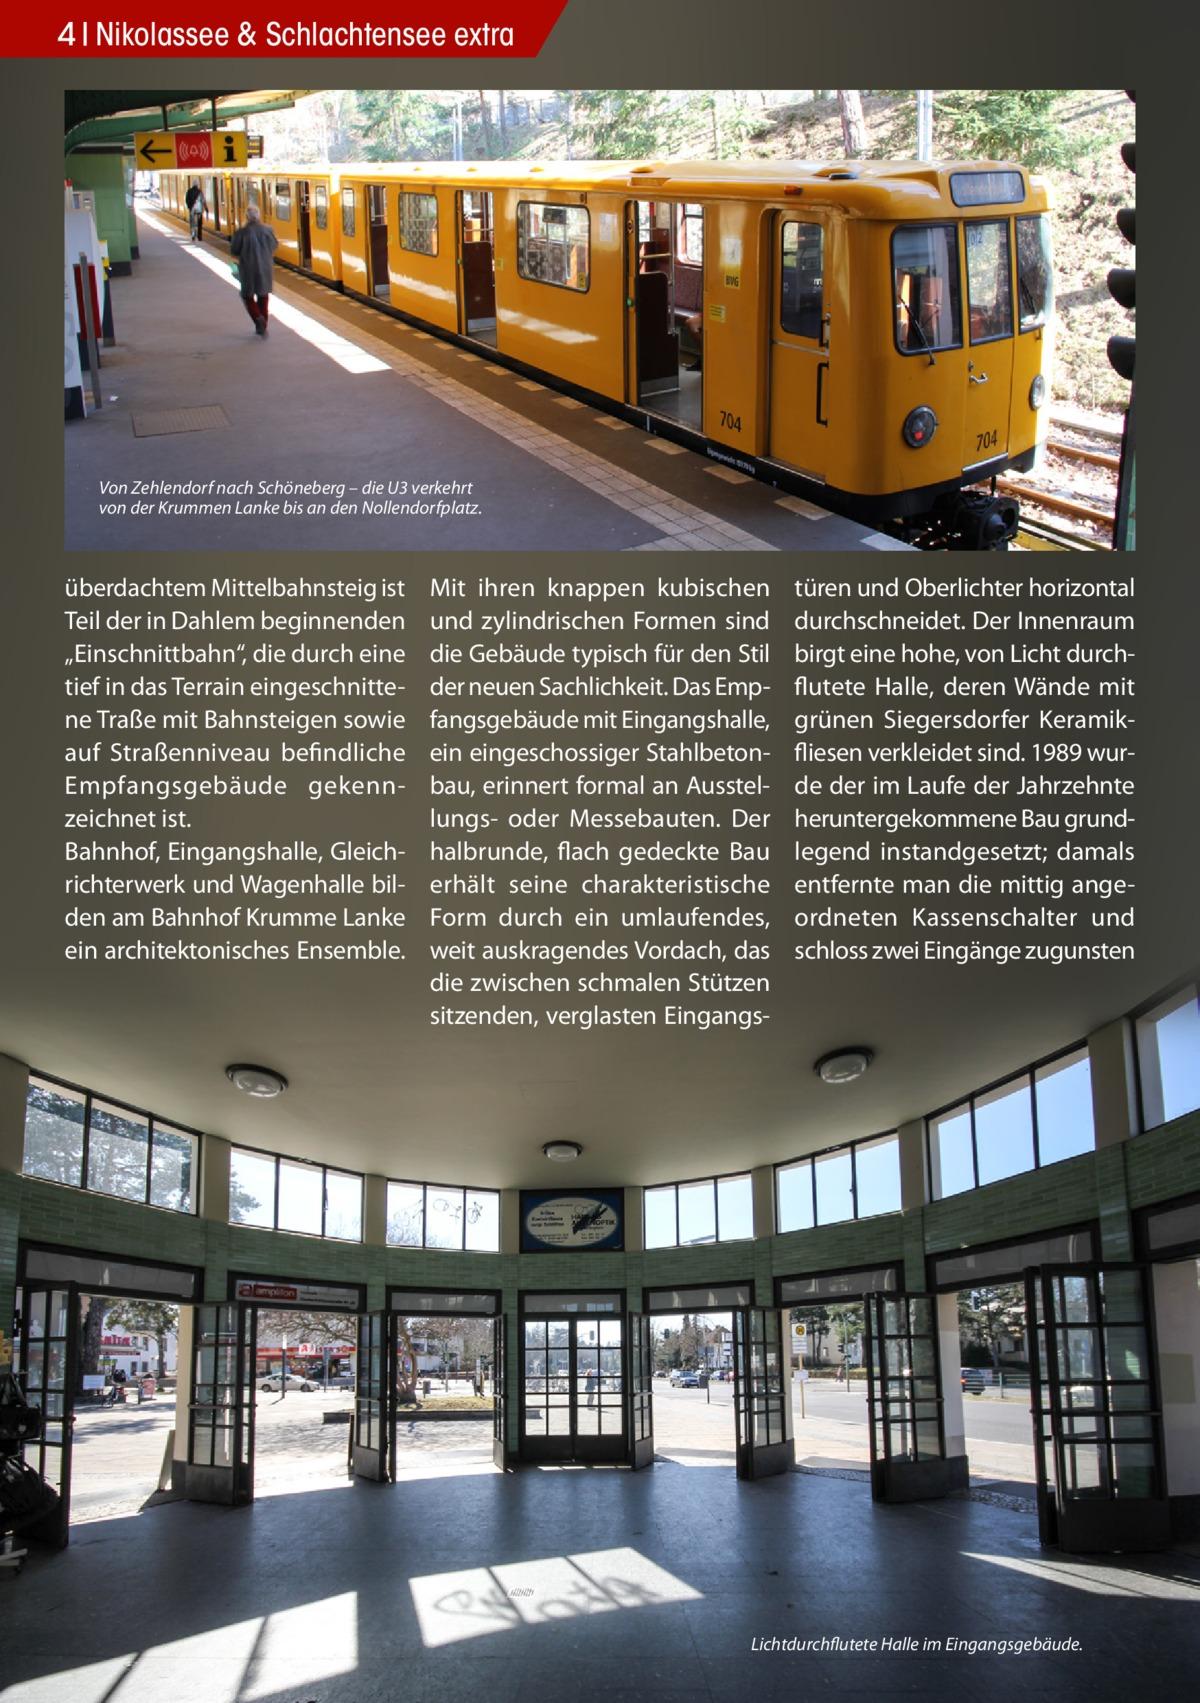 """4 Nikolassee & Schlachtensee extra  Von Zehlendorf nach Schöneberg – die U3 verkehrt von der Krummen Lanke bis an den Nollendorfplatz.  überdachtem Mittelbahnsteig ist Teil der in Dahlem beginnenden """"Einschnittbahn"""", die durch eine tief in das Terrain eingeschnittene Traße mit Bahnsteigen sowie auf Straßenniveau befindliche Empfangsgebäude gekennzeichnet ist. Bahnhof, Eingangshalle, Gleichrichterwerk und Wagenhalle bilden am Bahnhof Krumme Lanke ein architektonisches Ensemble.  Mit ihren knappen kubischen und zylindrischen Formen sind die Gebäude typisch für den Stil der neuen Sachlichkeit. Das Empfangsgebäude mit Eingangshalle, ein eingeschossiger Stahlbetonbau, erinnert formal an Ausstellungs- oder Messebauten. Der halbrunde, flach gedeckte Bau erhält seine charakteristische Form durch ein umlaufendes, weit auskragendes Vordach, das die zwischen schmalen Stützen sitzenden, verglasten Eingangs türen und Oberlichter horizontal durchschneidet. Der Innenraum birgt eine hohe, von Licht durchflutete Halle, deren Wände mit grünen Siegersdorfer Keramikfliesen verkleidet sind. 1989 wurde der im Laufe der Jahrzehnte heruntergekommene Bau grundlegend instandgesetzt; damals entfernte man die mittig angeordneten Kassenschalter und schloss zwei Eingänge zugunsten  Lichtdurchflutete Halle im Eingangsgebäude."""